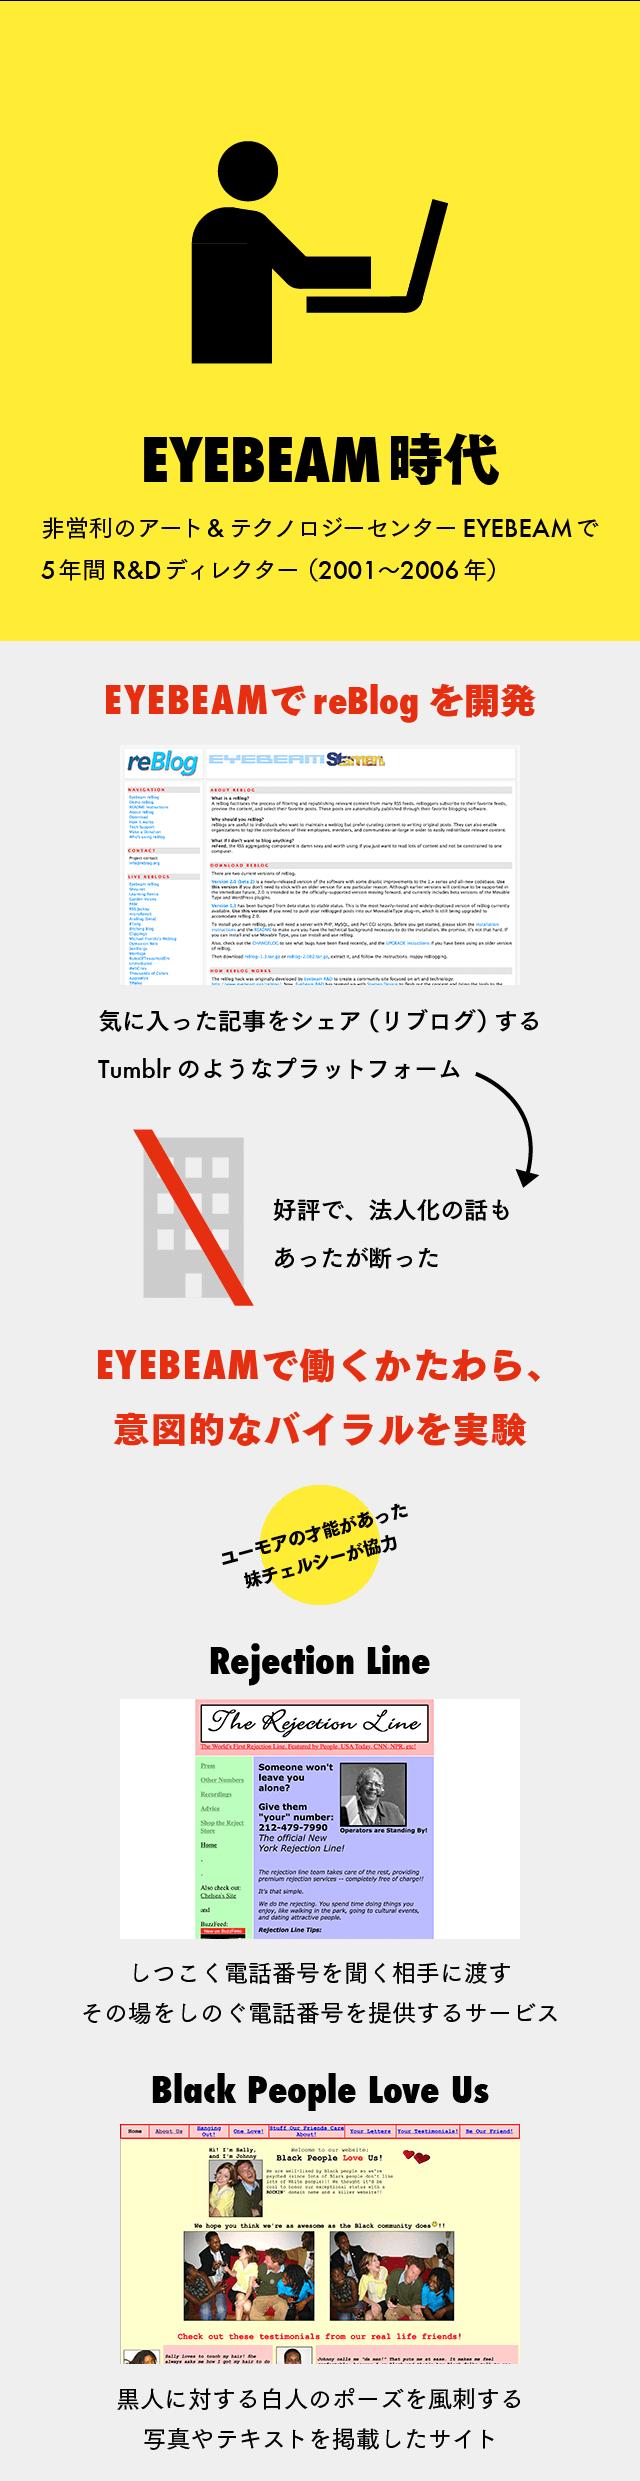 【マスター】バズフィード創業者ストーリー_20150831-05